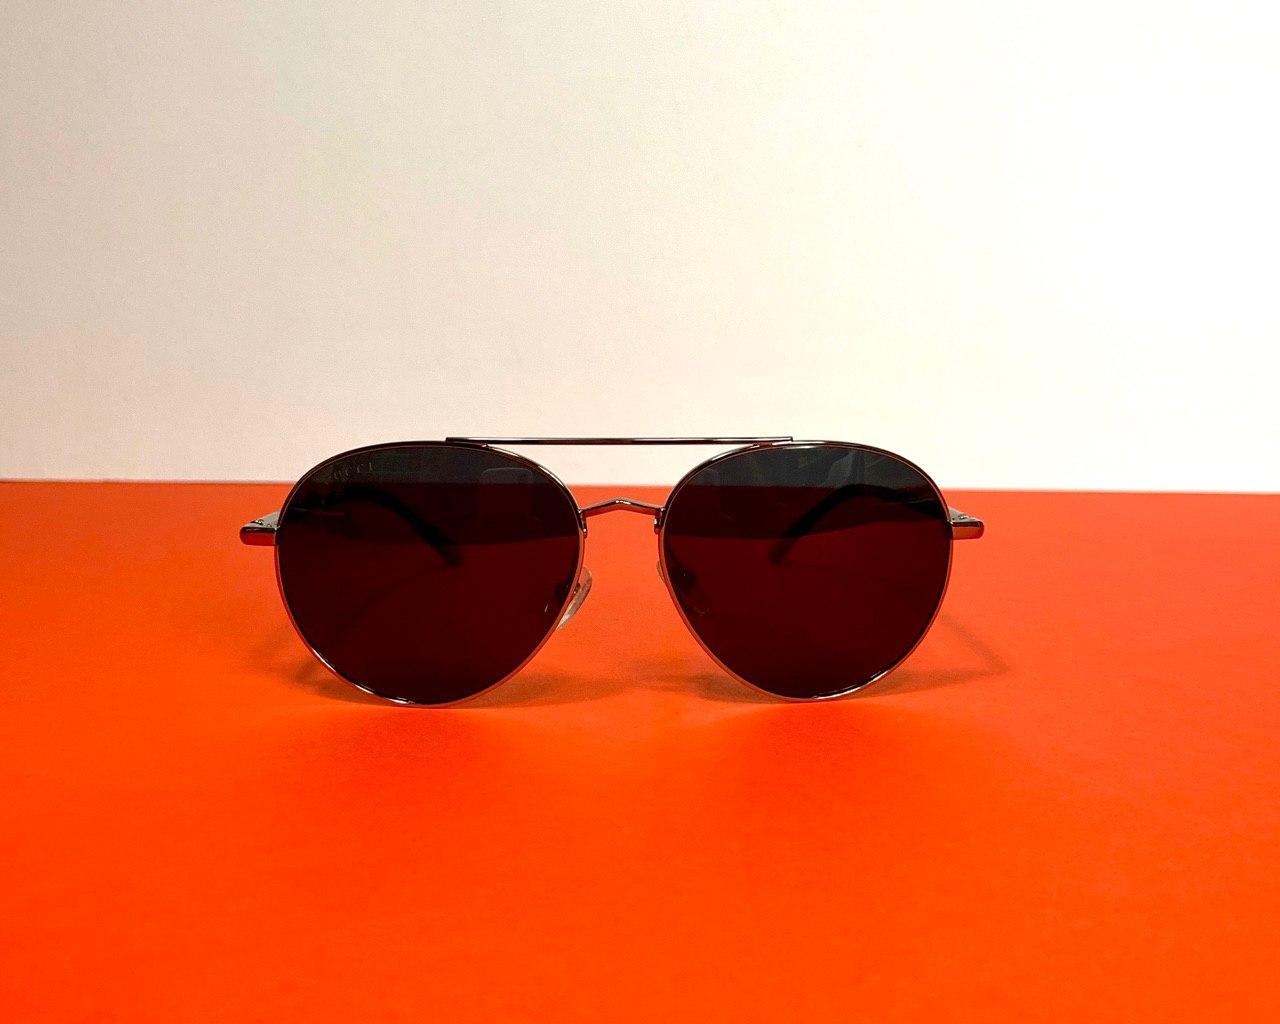 Очки женские Gucci солнцезащитные (Гуччи) арт. 106-18